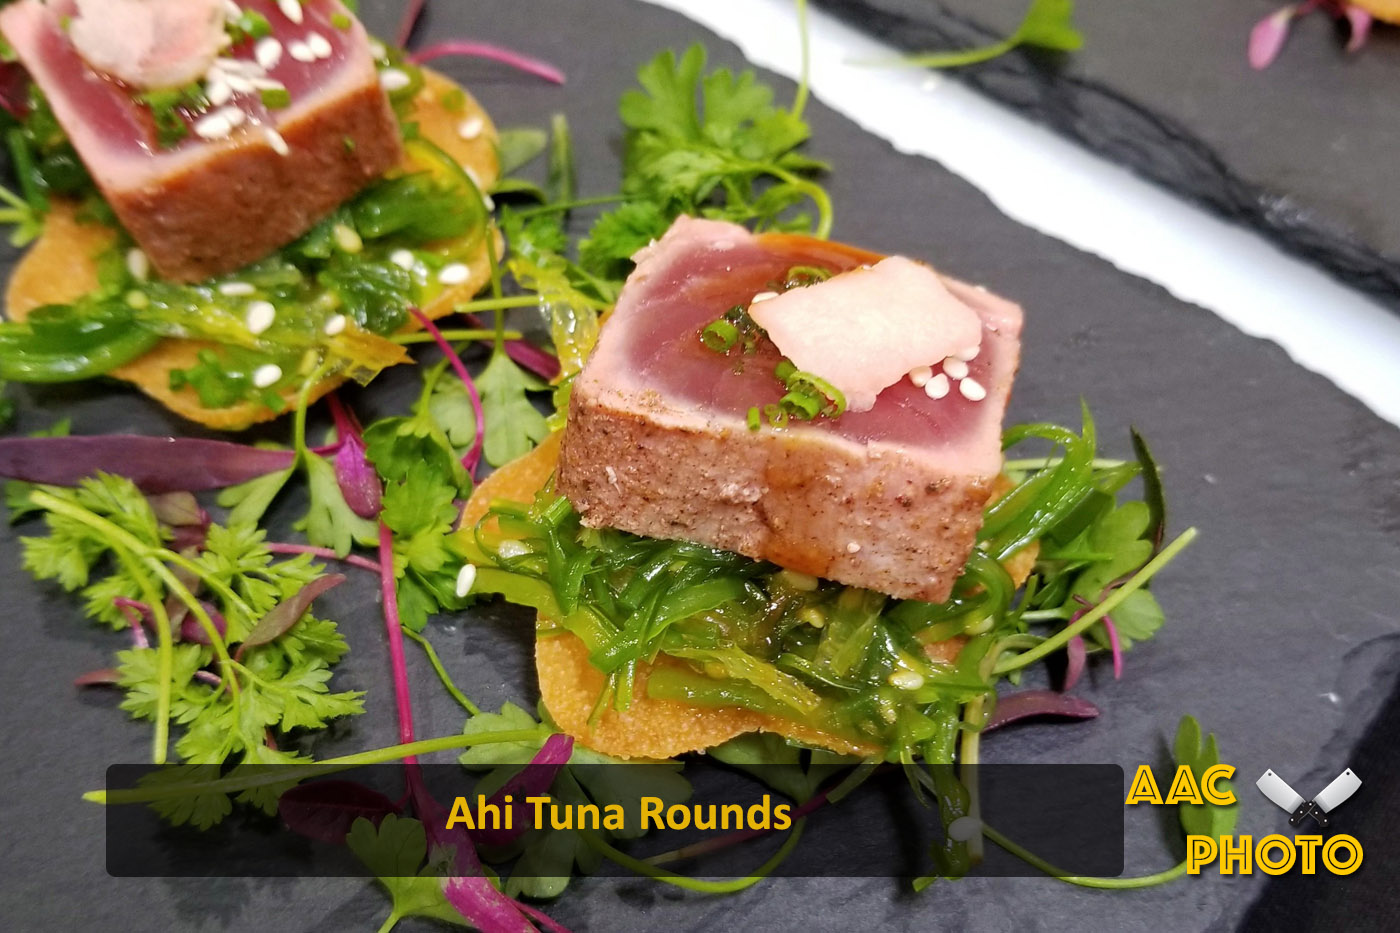 Ahi Tuna Rounds